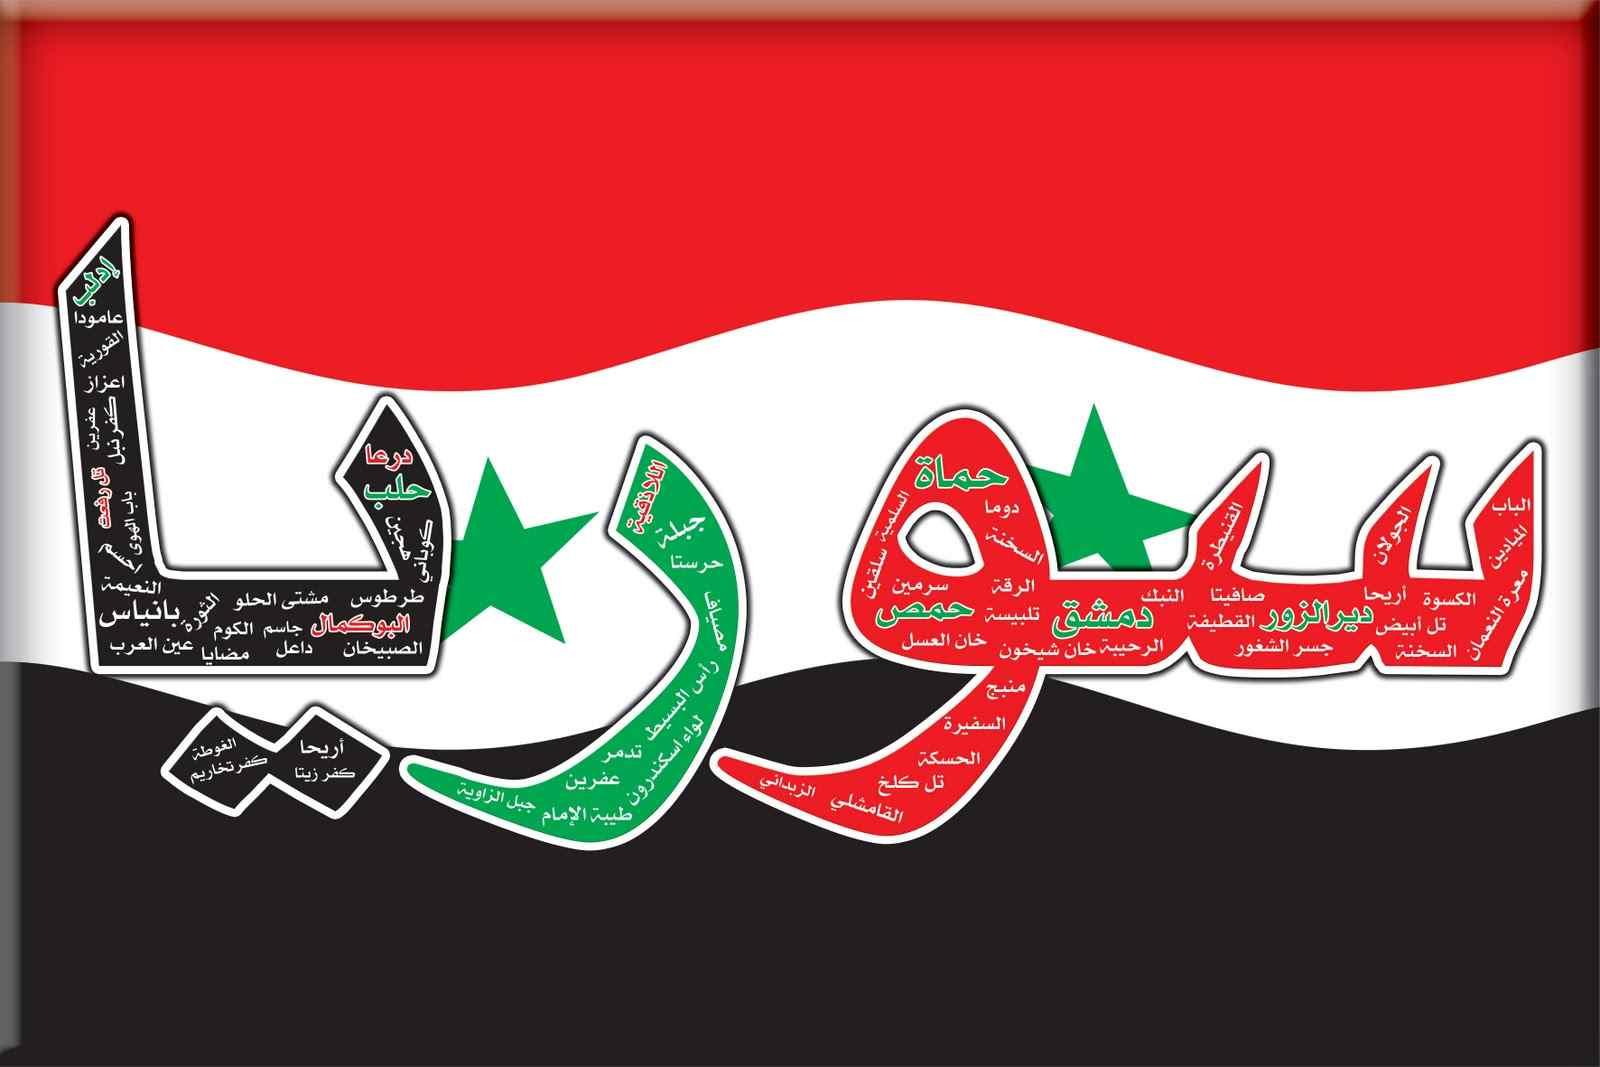 بالصور صور خلفيات لعلم سوريا المتحرك 20160715 608